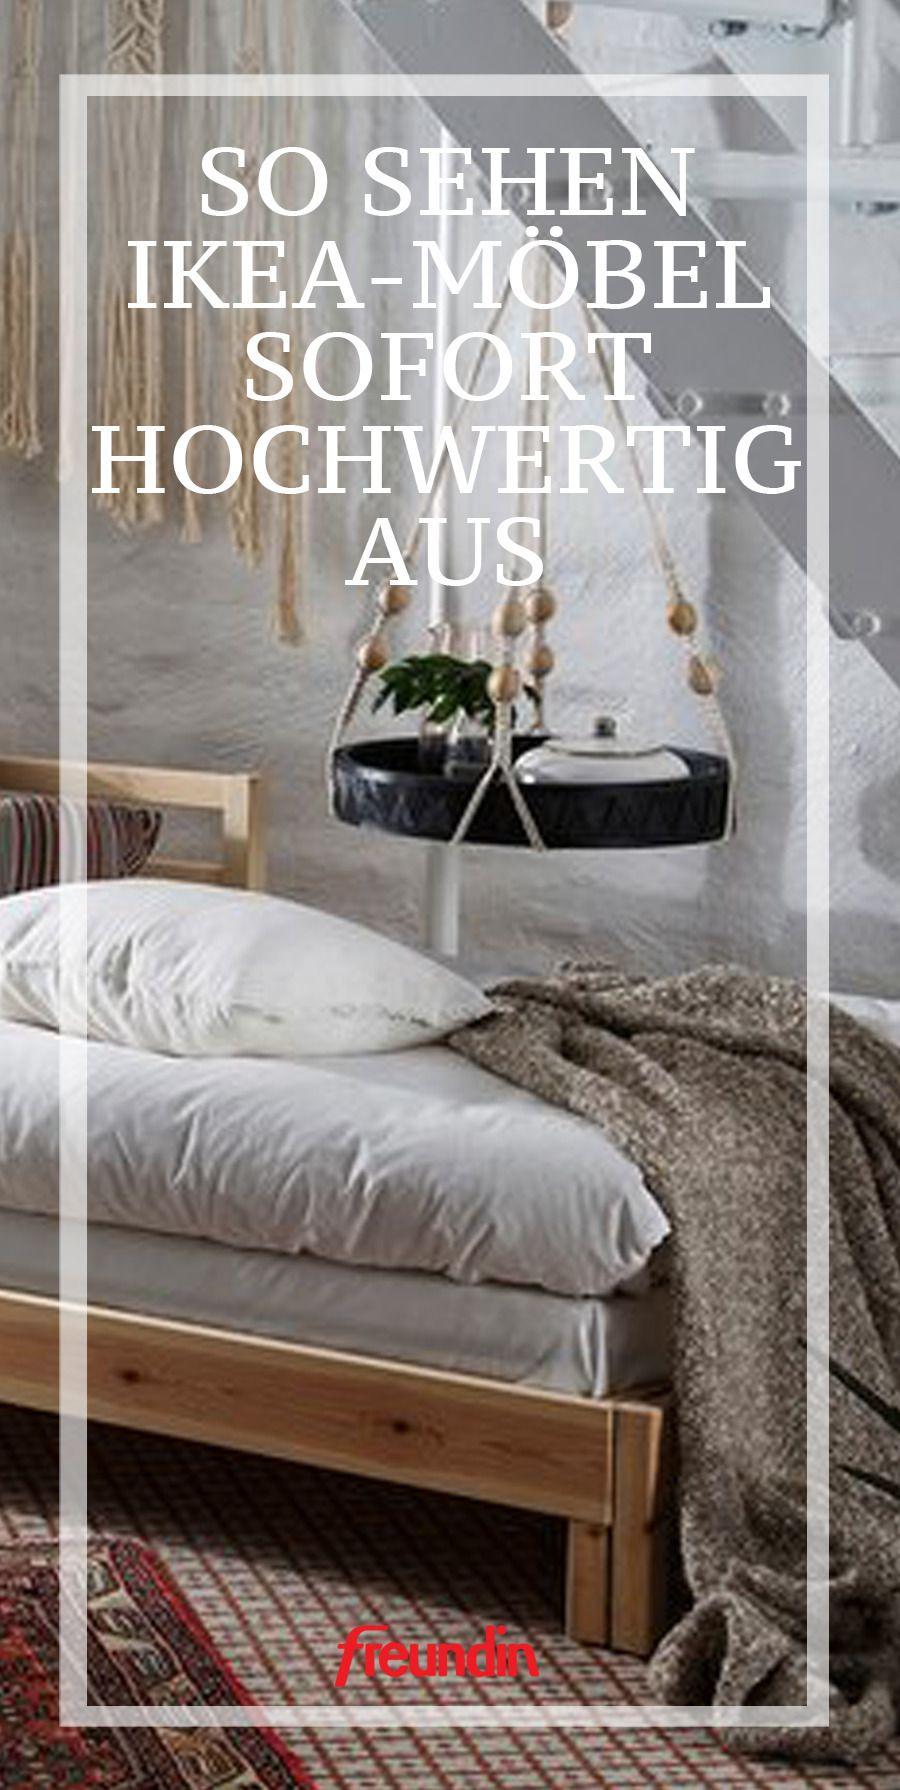 Das lässt Ikea-Möbel hochwertiger aussehen  | freundin.de #schönerwohnen